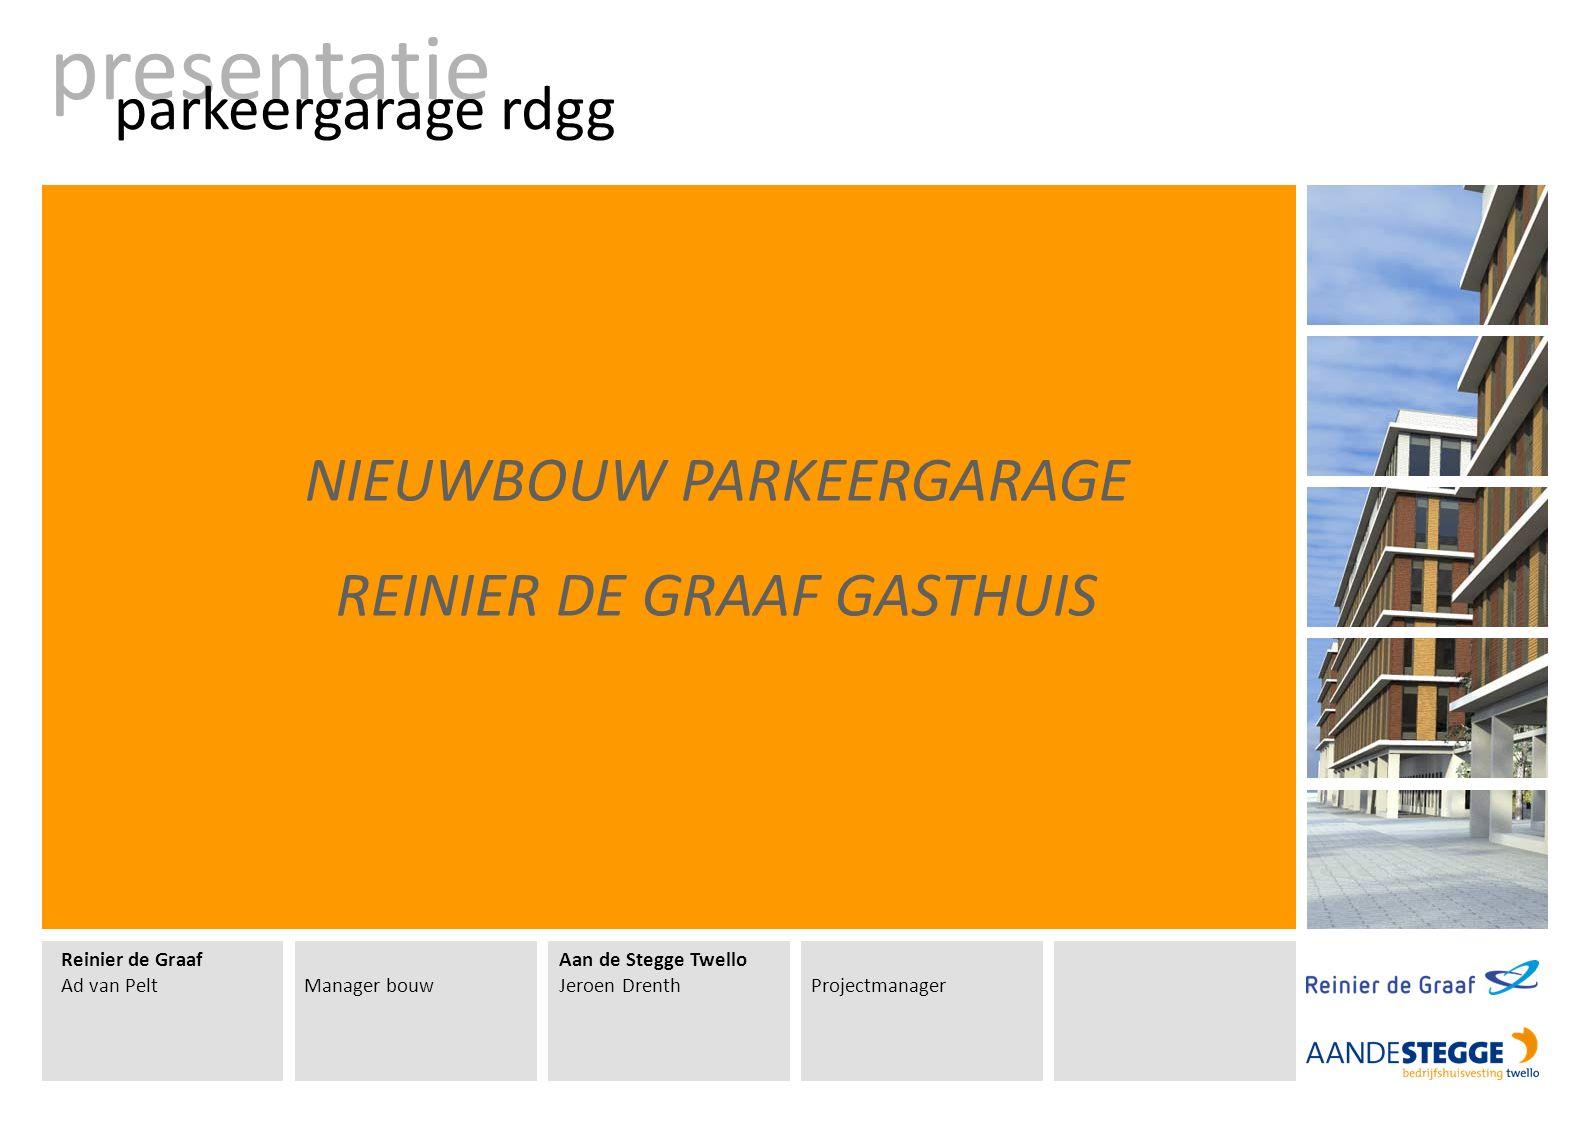 beeldkwaliteitsplan parkeergarage Ontwerp ziekenhuis Ontwerp parkeergarage MH1 Architecten EGM Architecten